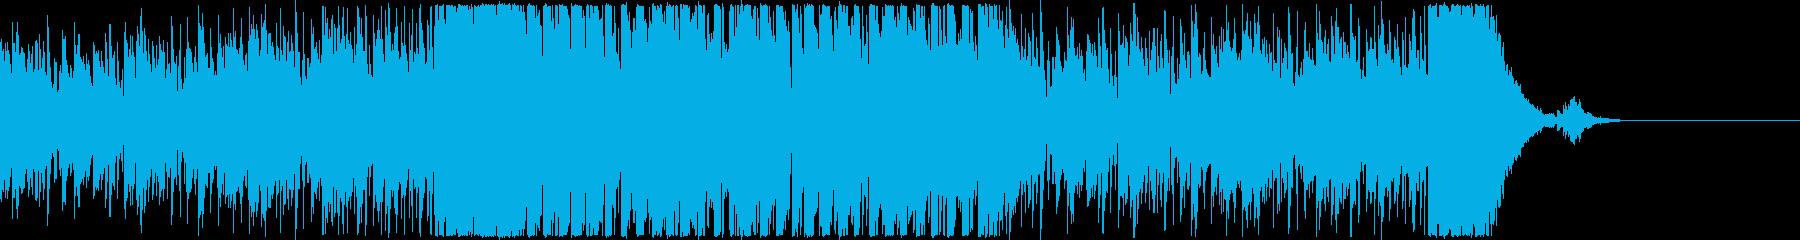 七夕・大人・ムーディー・R&Bの再生済みの波形